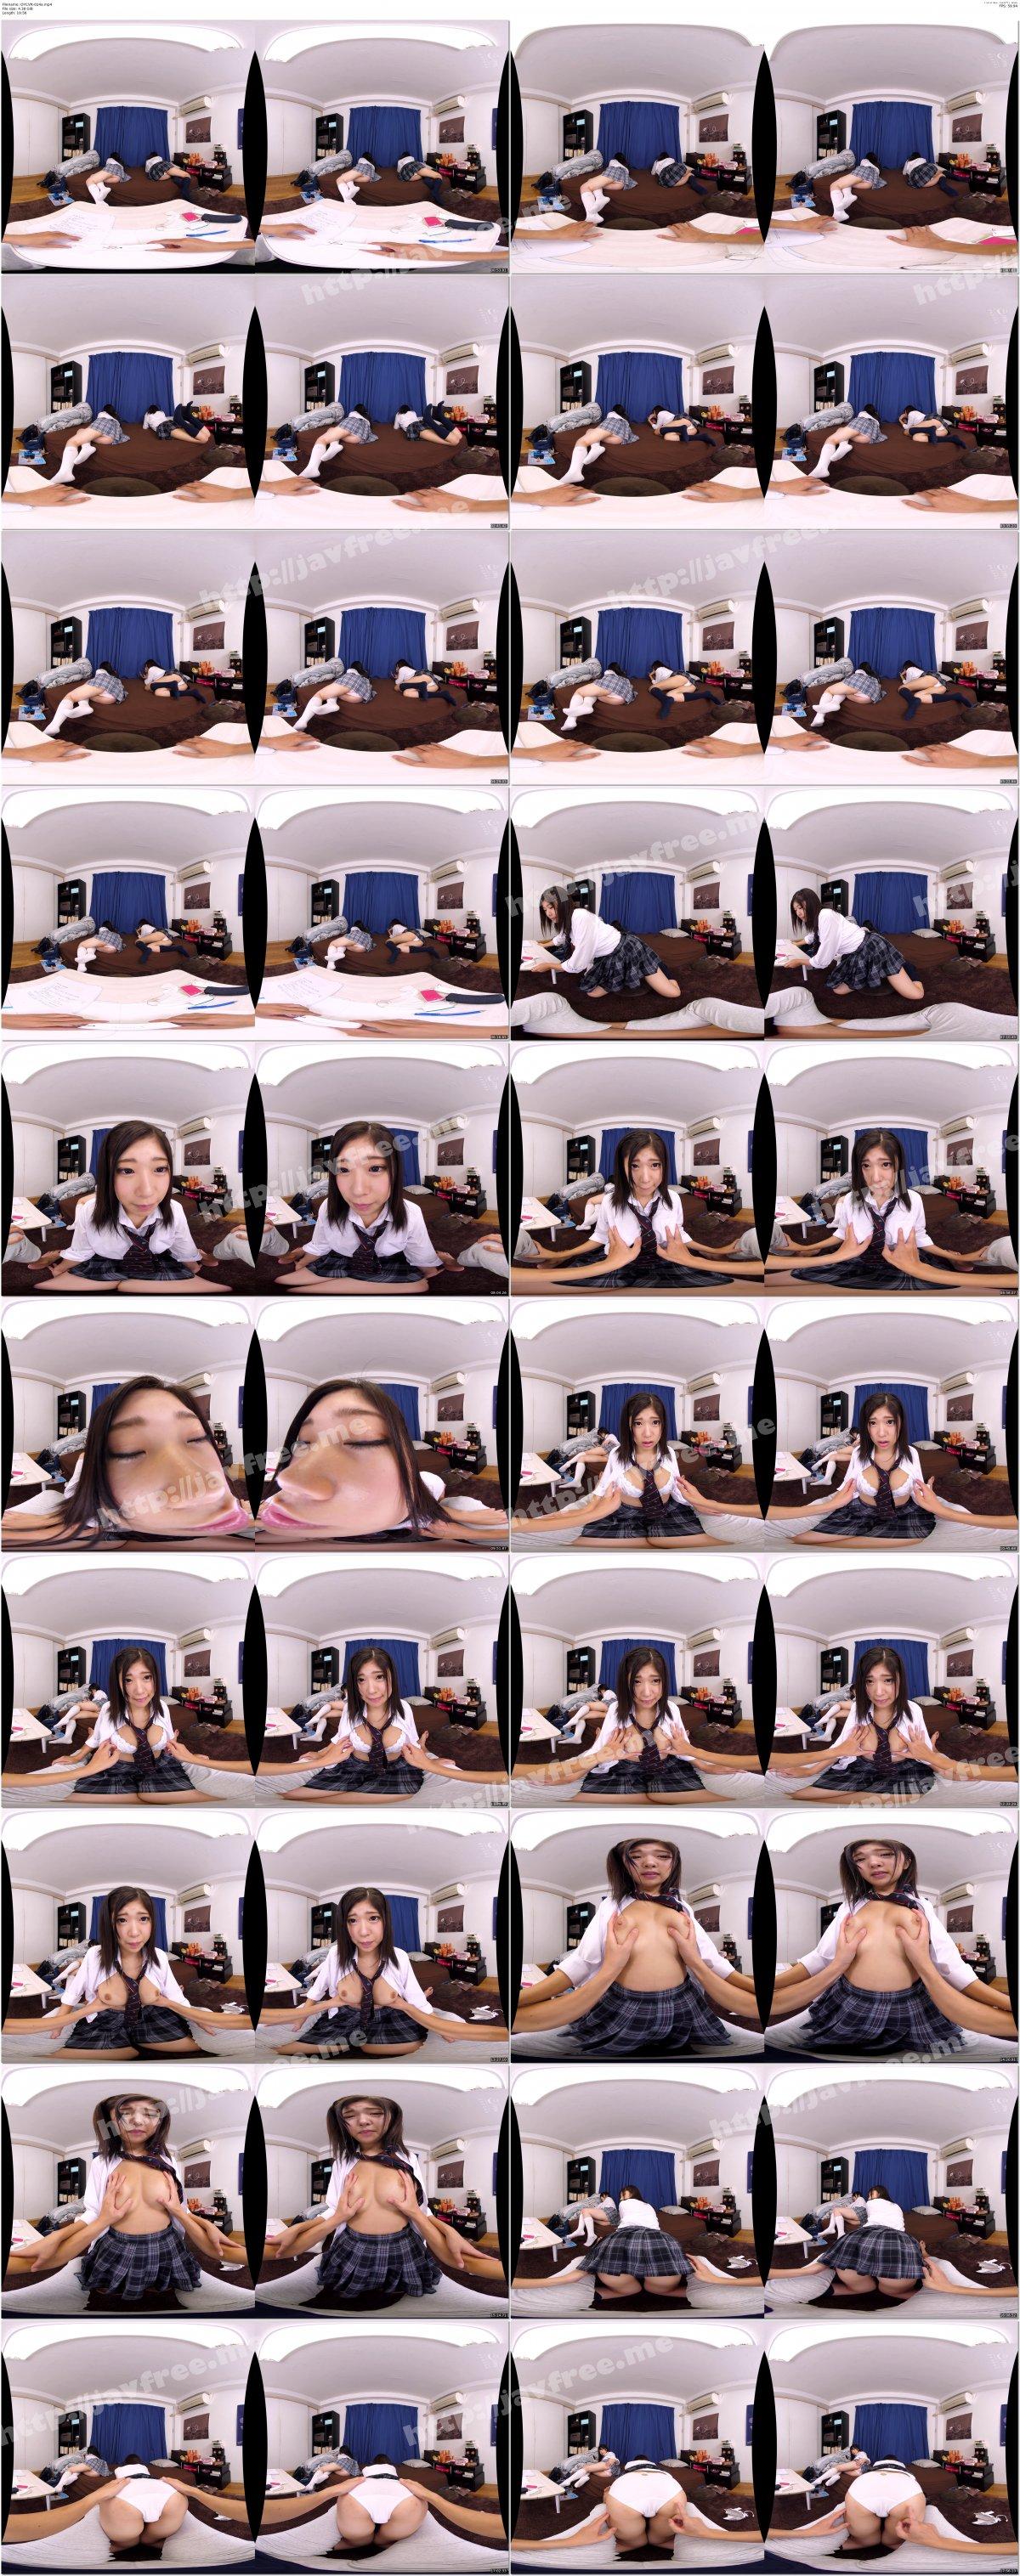 [OYCVR-024] 【VR】HQ超激的高画質 ボクの部屋はいつの間にかワケあり家出少女たちの溜まり場!Hは決して嫌がらないし何度、中に出しても文句言わない。何があったのか…理由は何も喋らないしほぼ無口…でもHの時は超感度が良くてメチャメチャ感じてくれる…4 - image OYCVR-024a on https://javfree.me